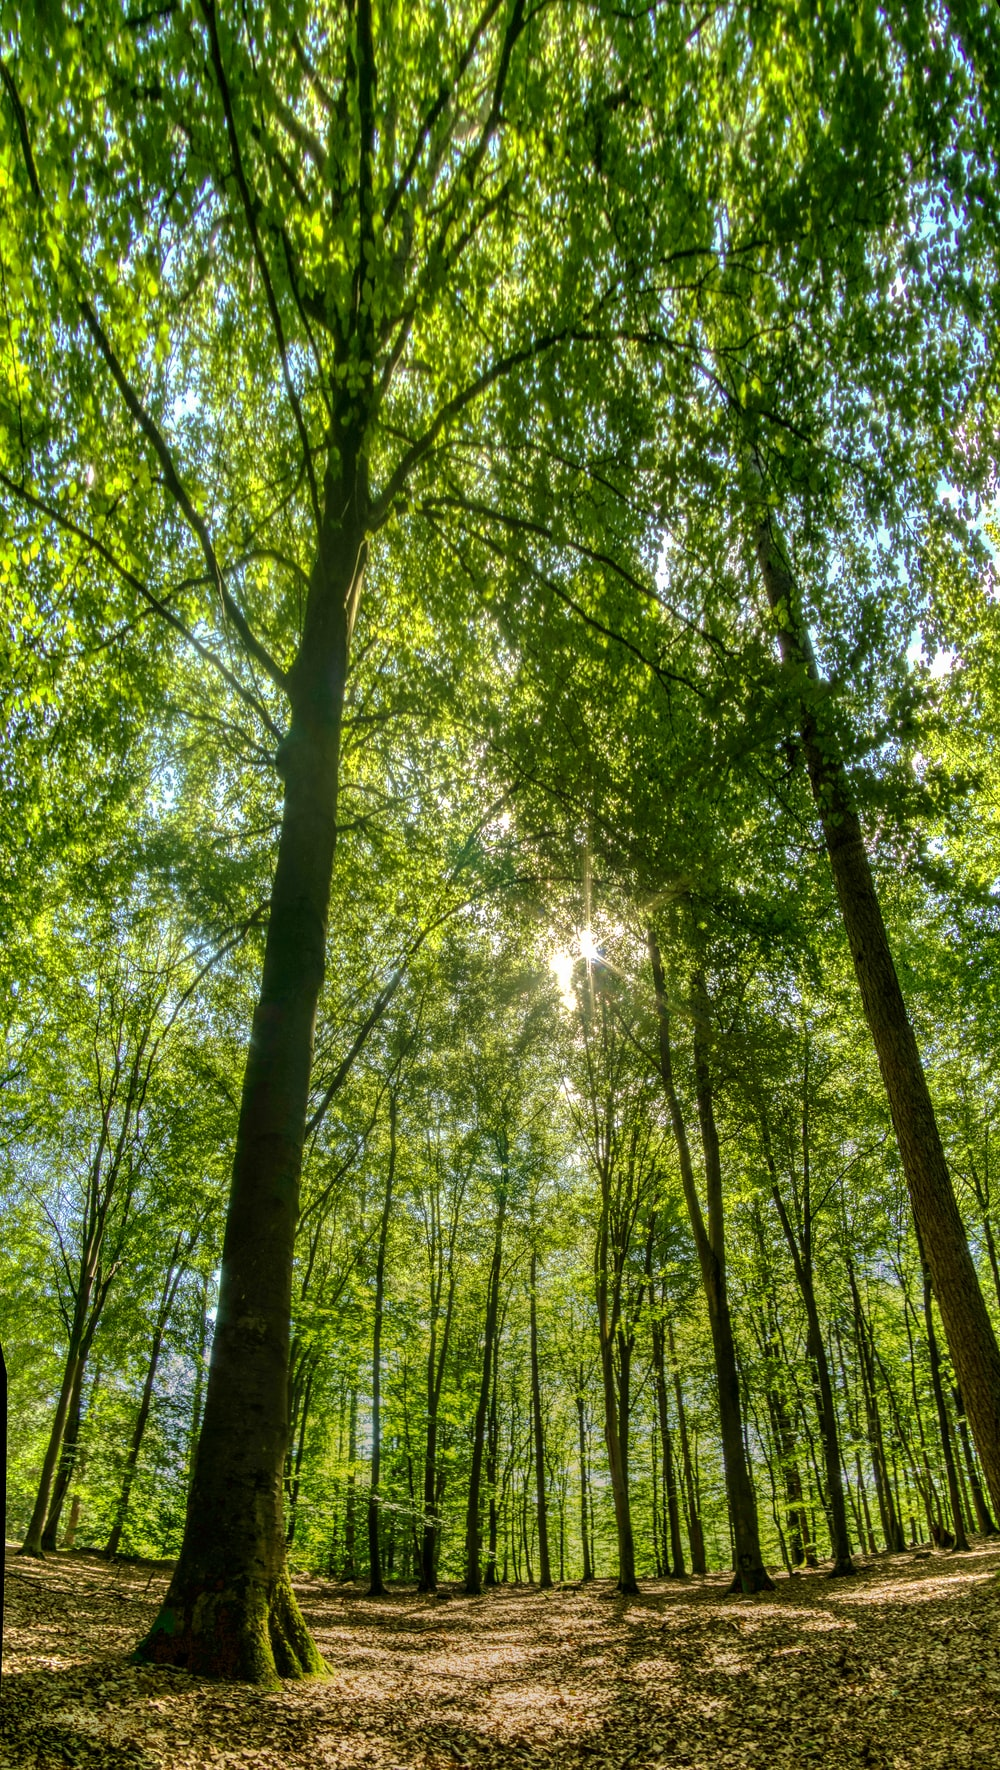 green trees under sunny sky